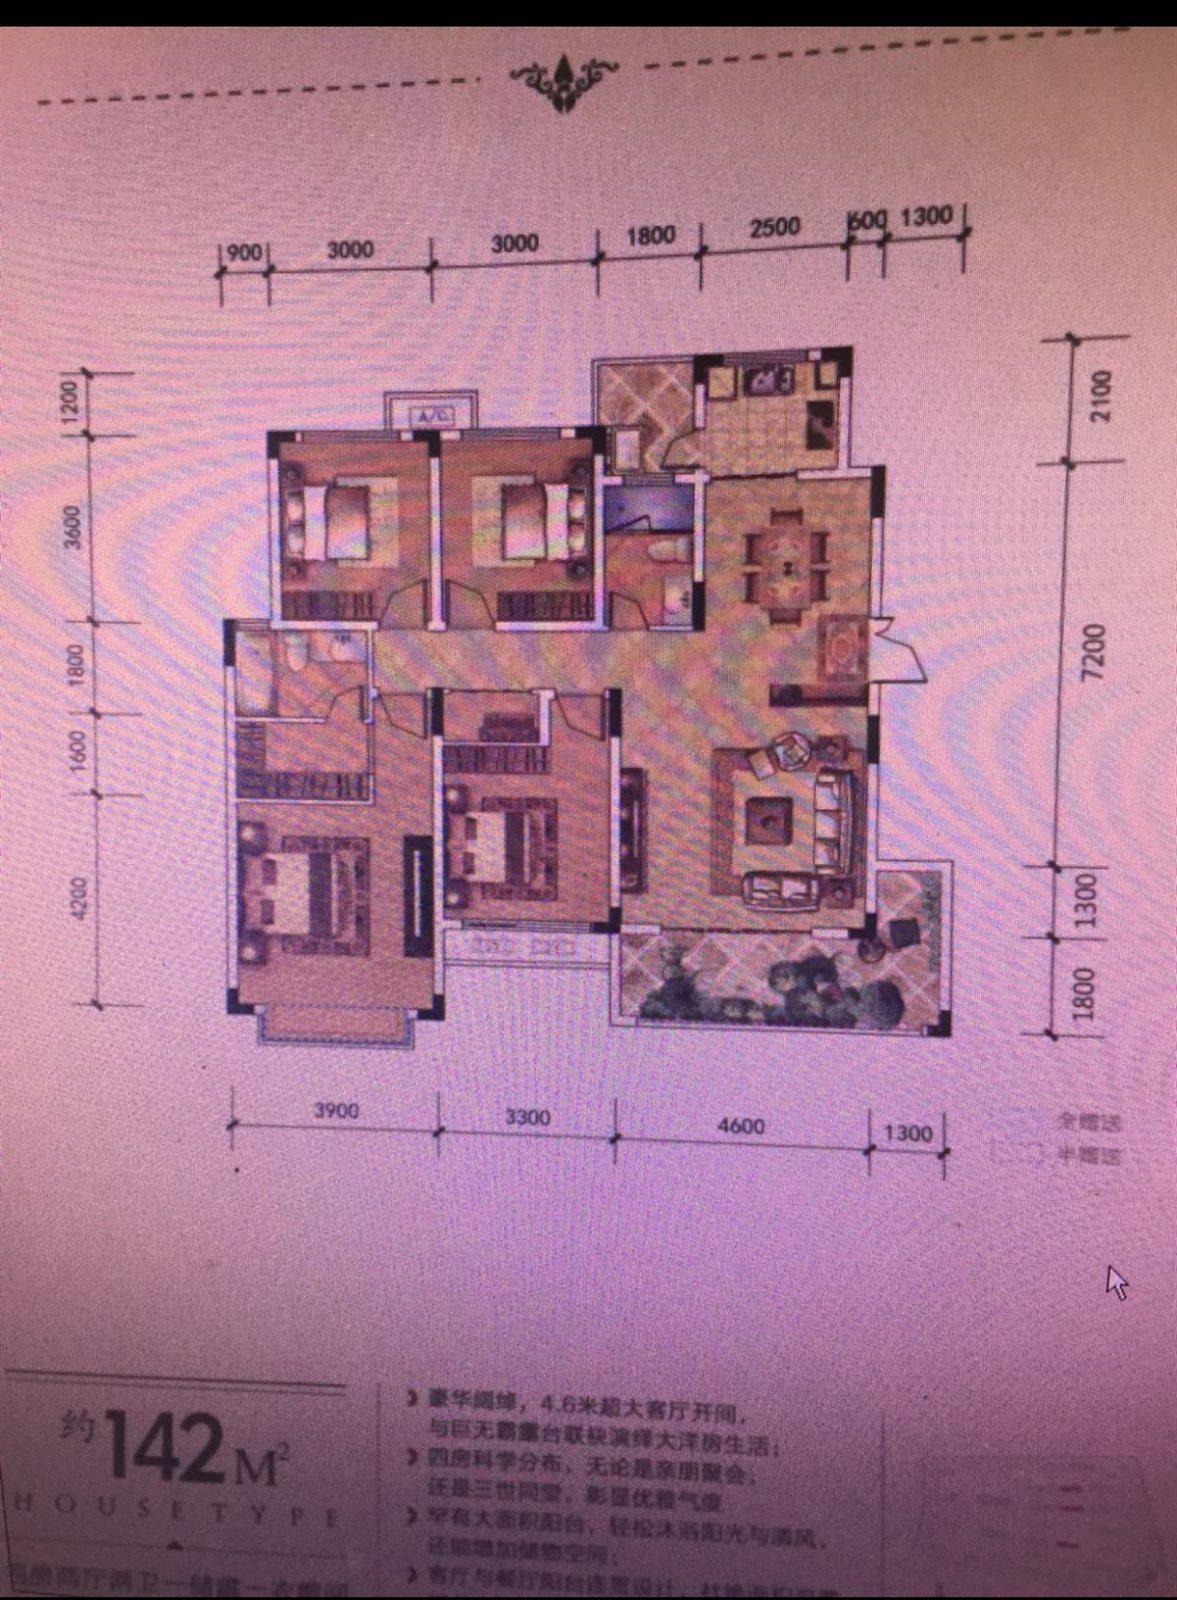 正和一中公园4室 2厅 2卫88万元